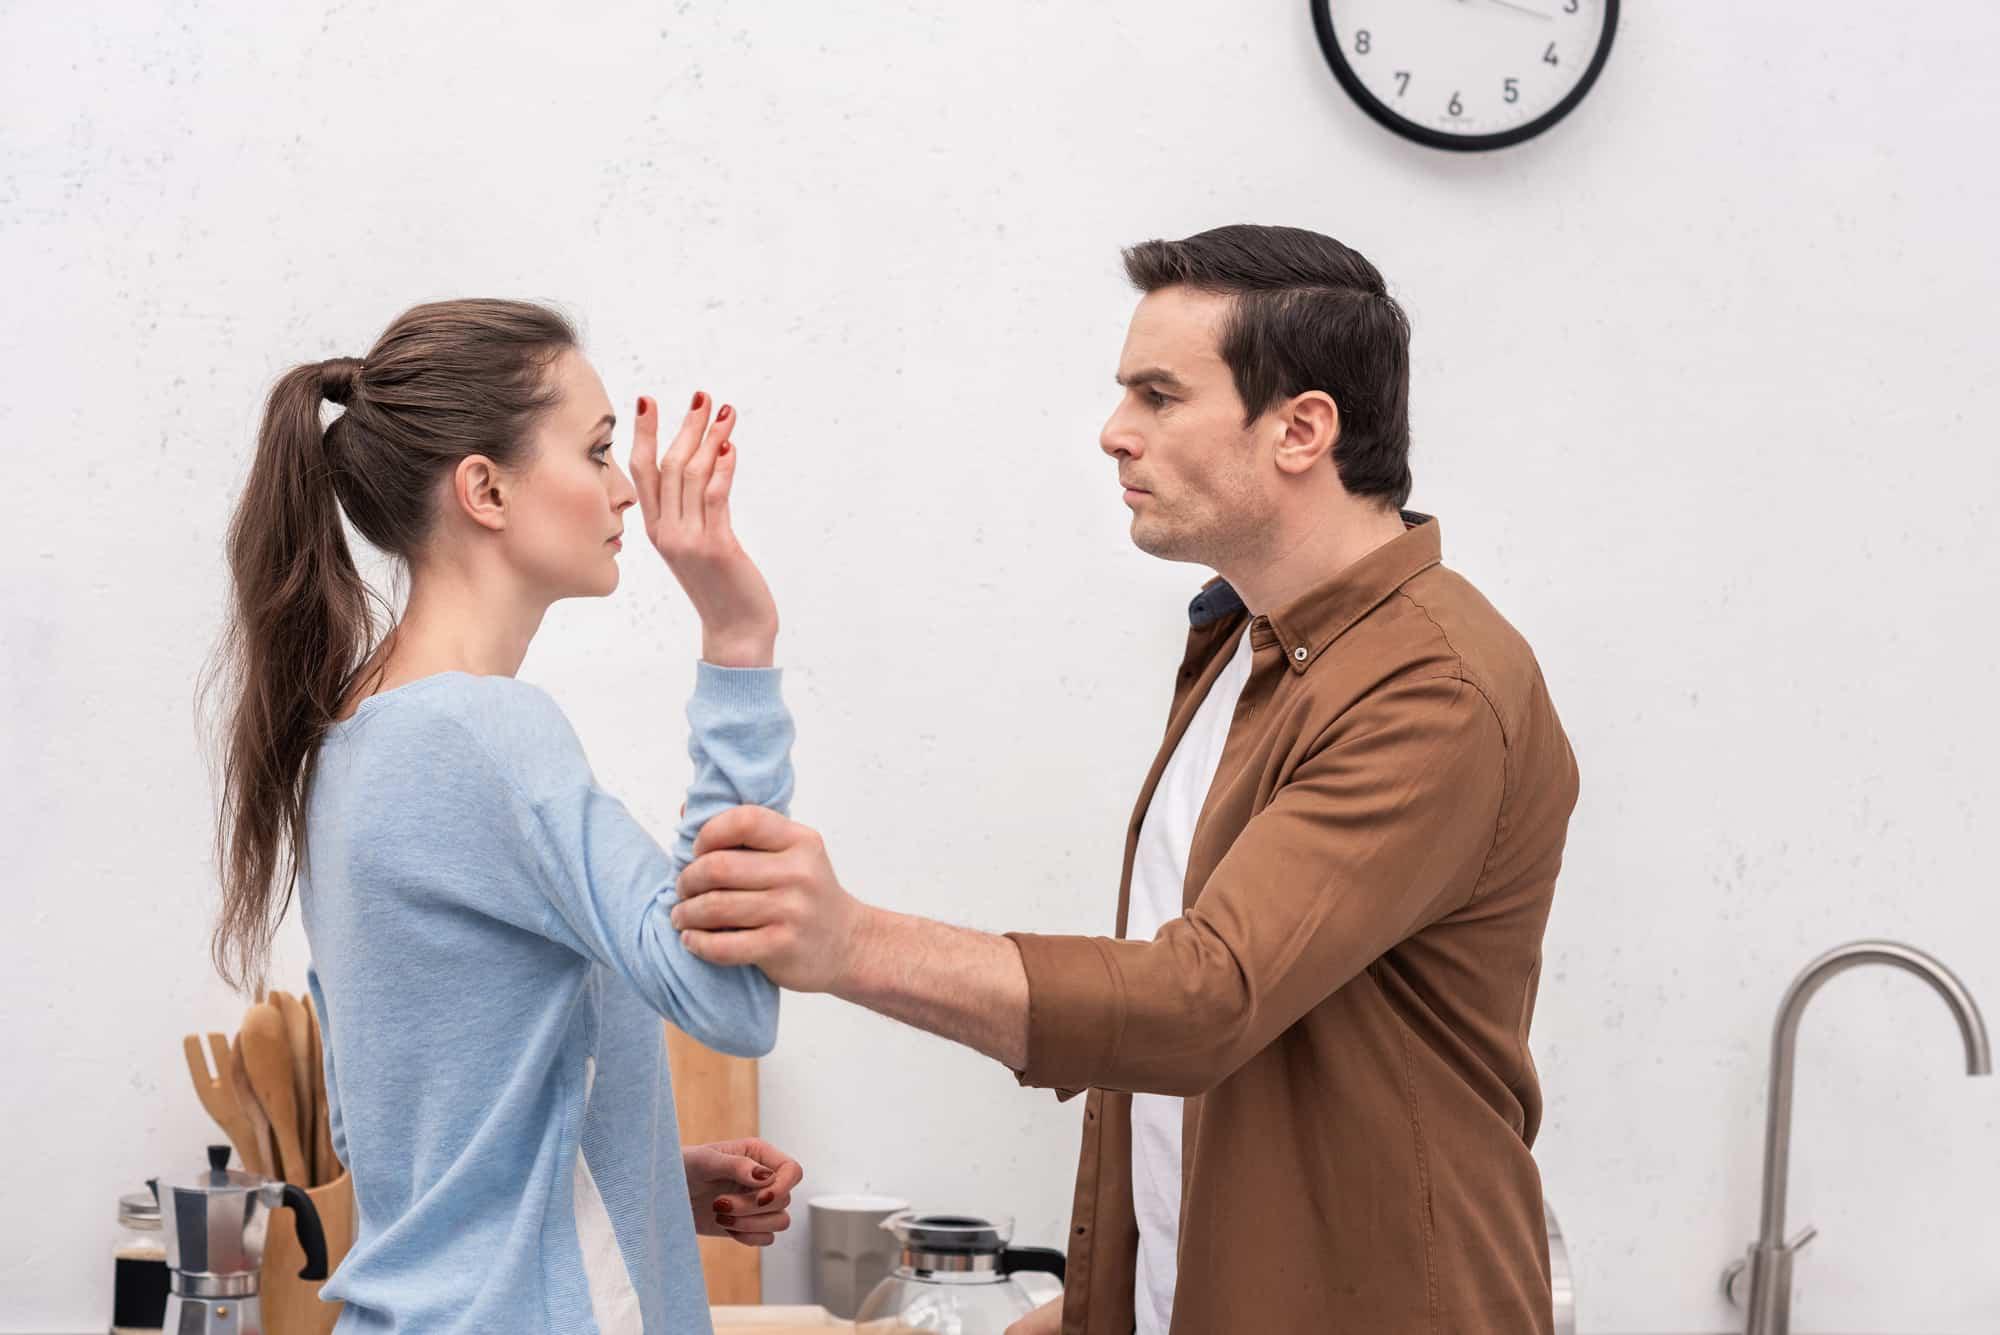 Freak husband control of a symptoms f8hasit: October